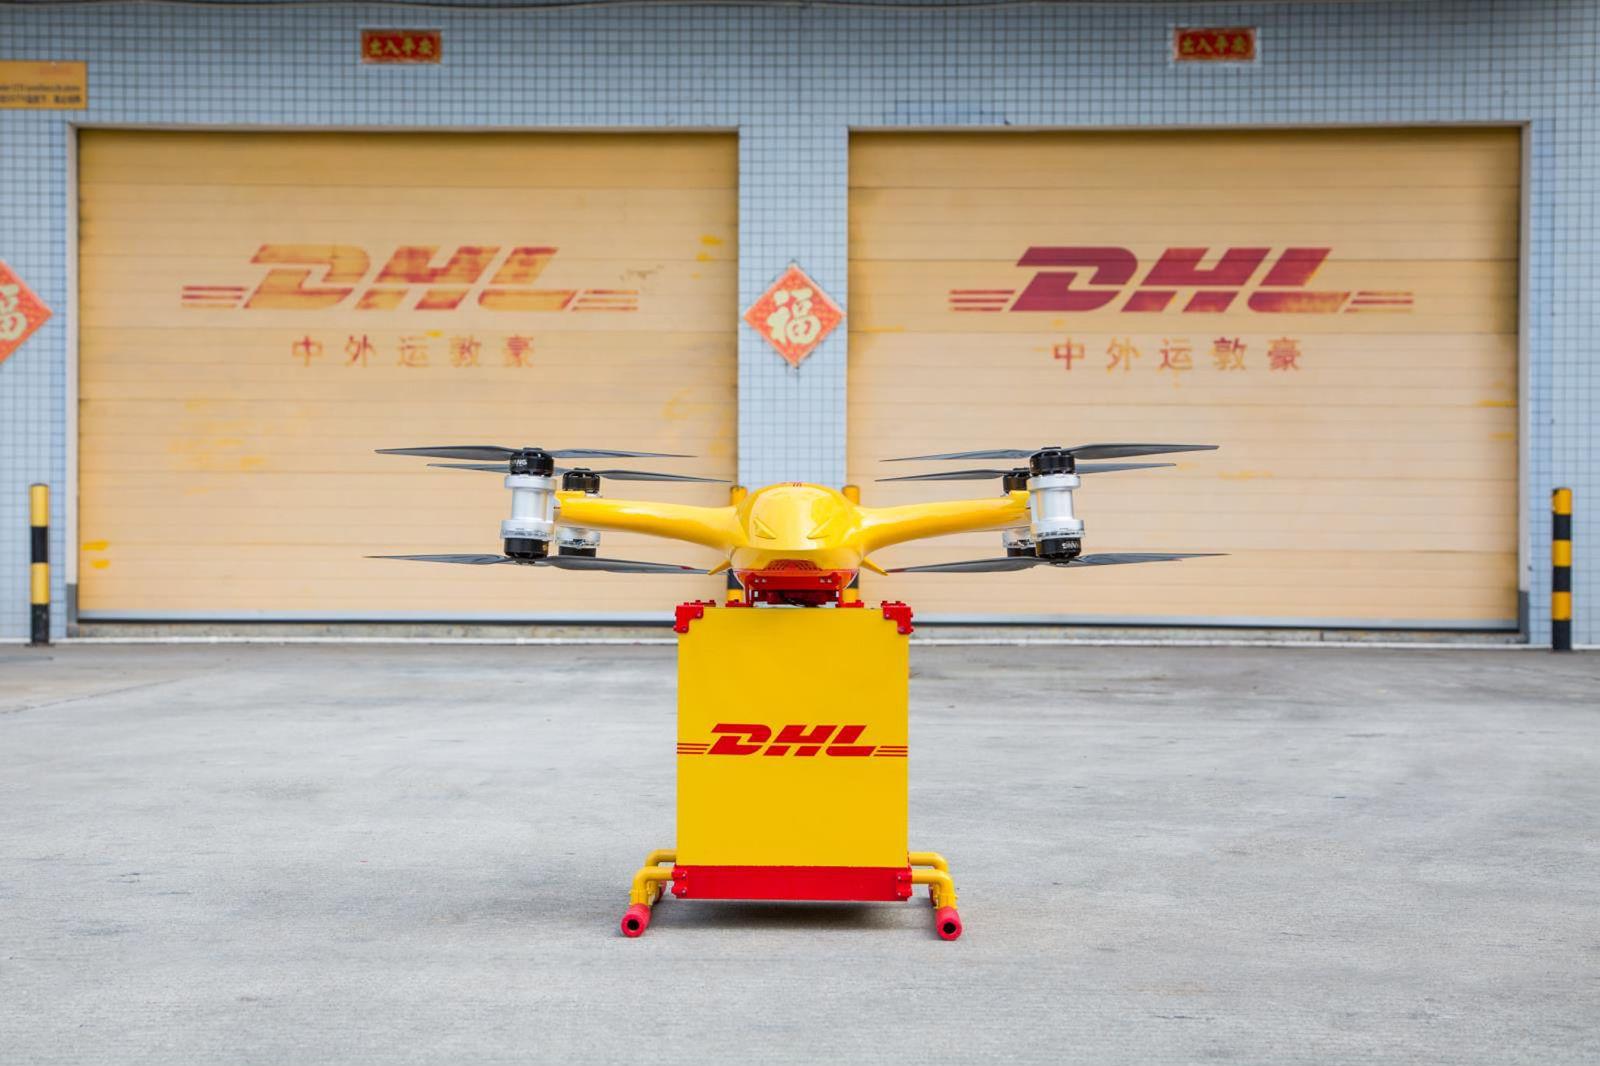 Erste innerstädtische Drohnen-Lieferungen in China aufgenommen